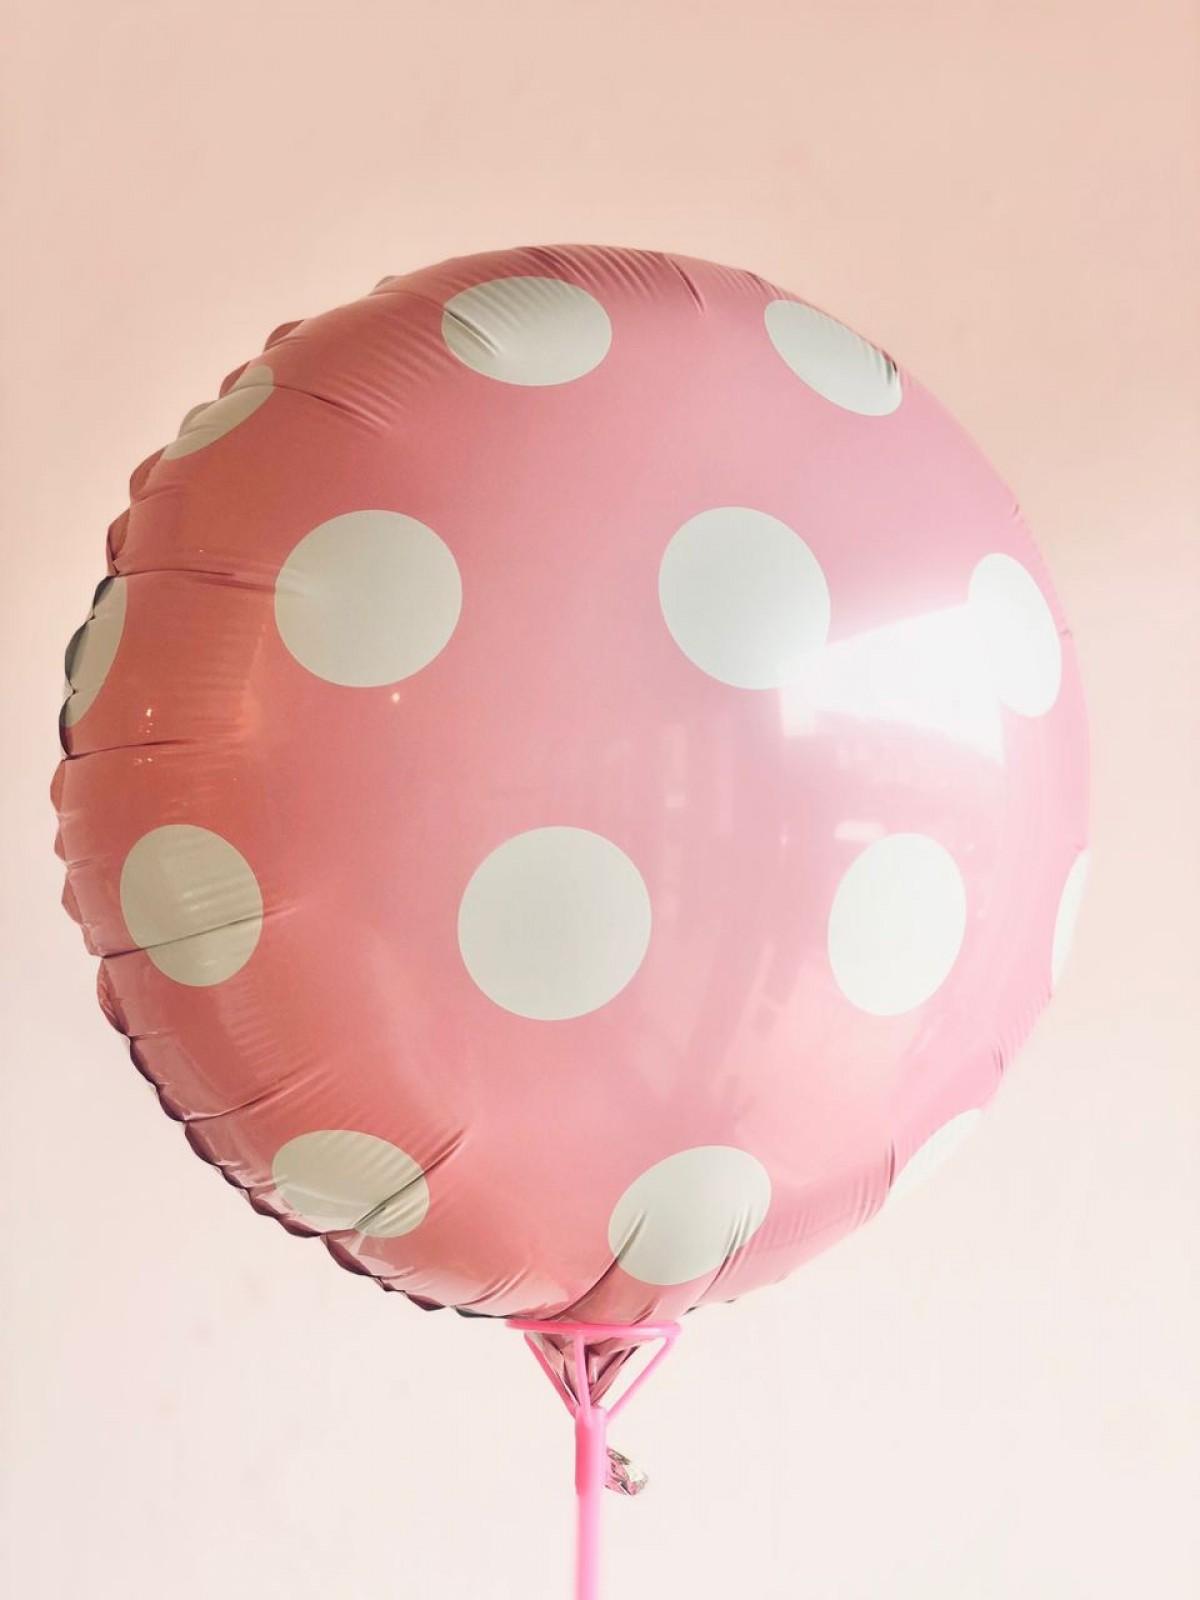 BIG BALLOON (7) - RARA KITCHY